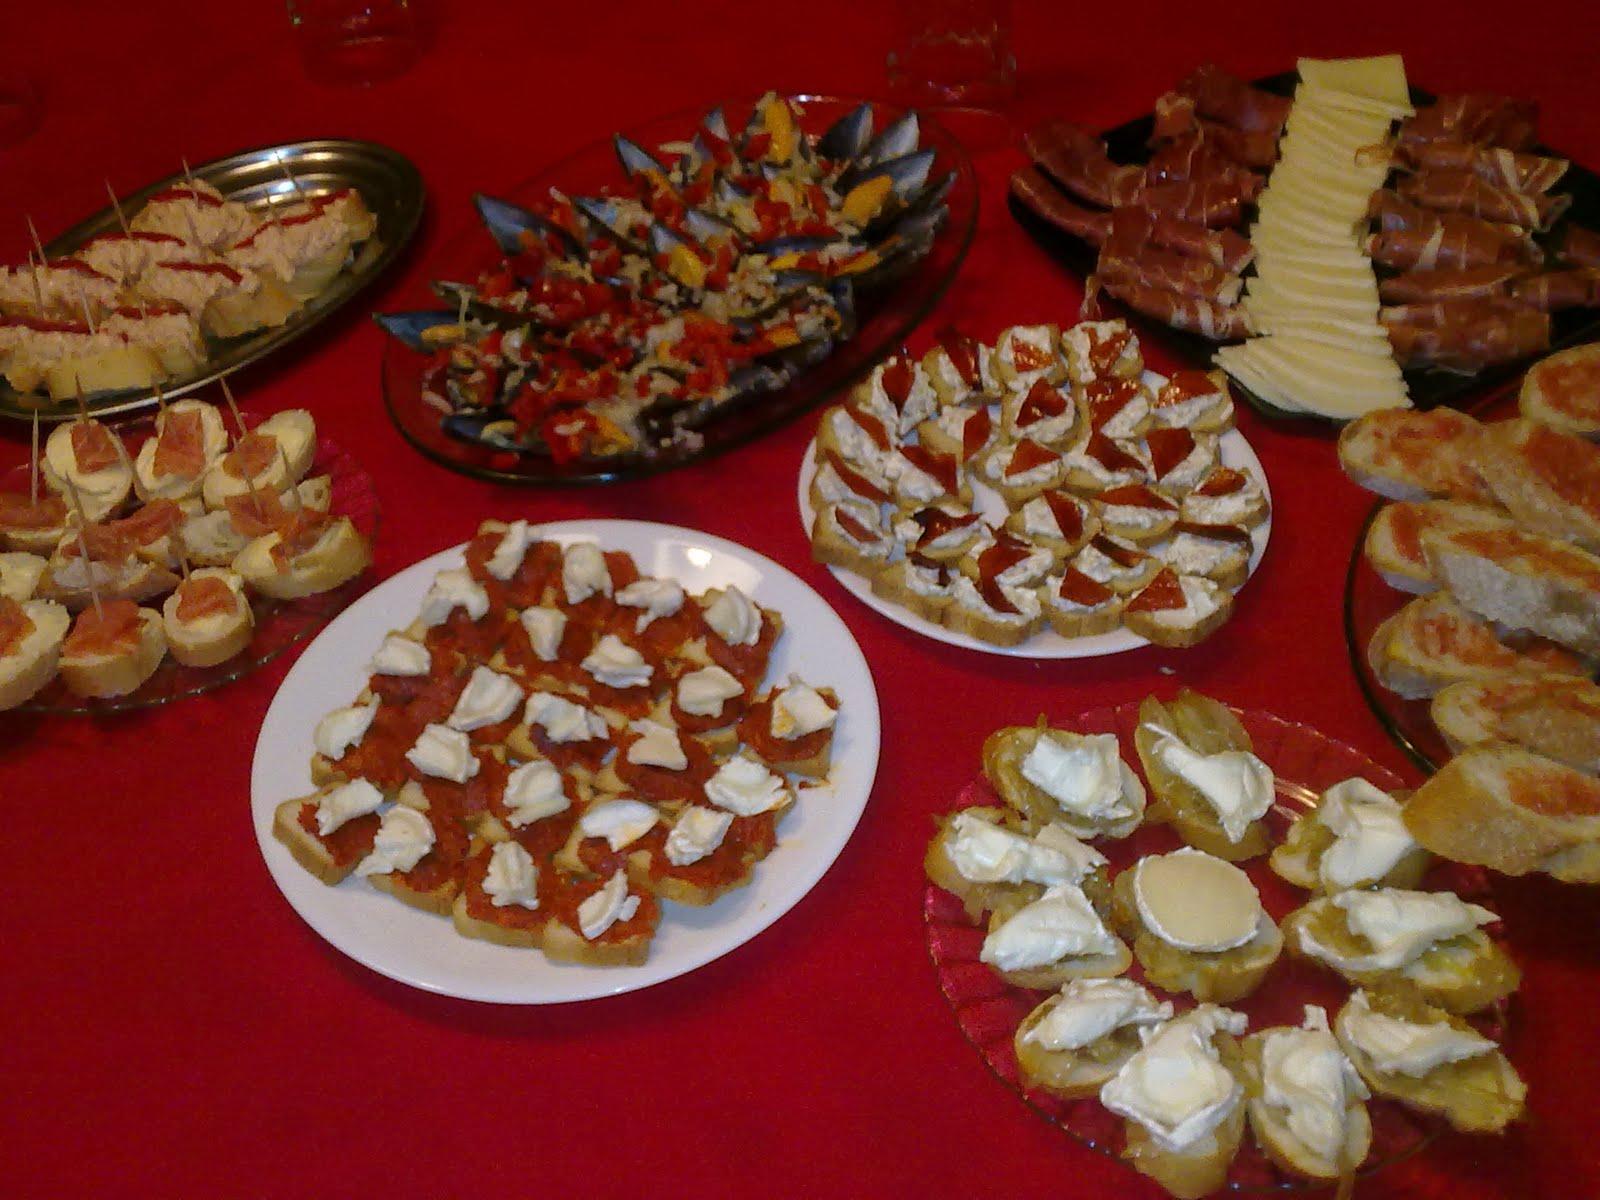 Alba hogar mesa buffet pintxos - Comida para sorprender ...